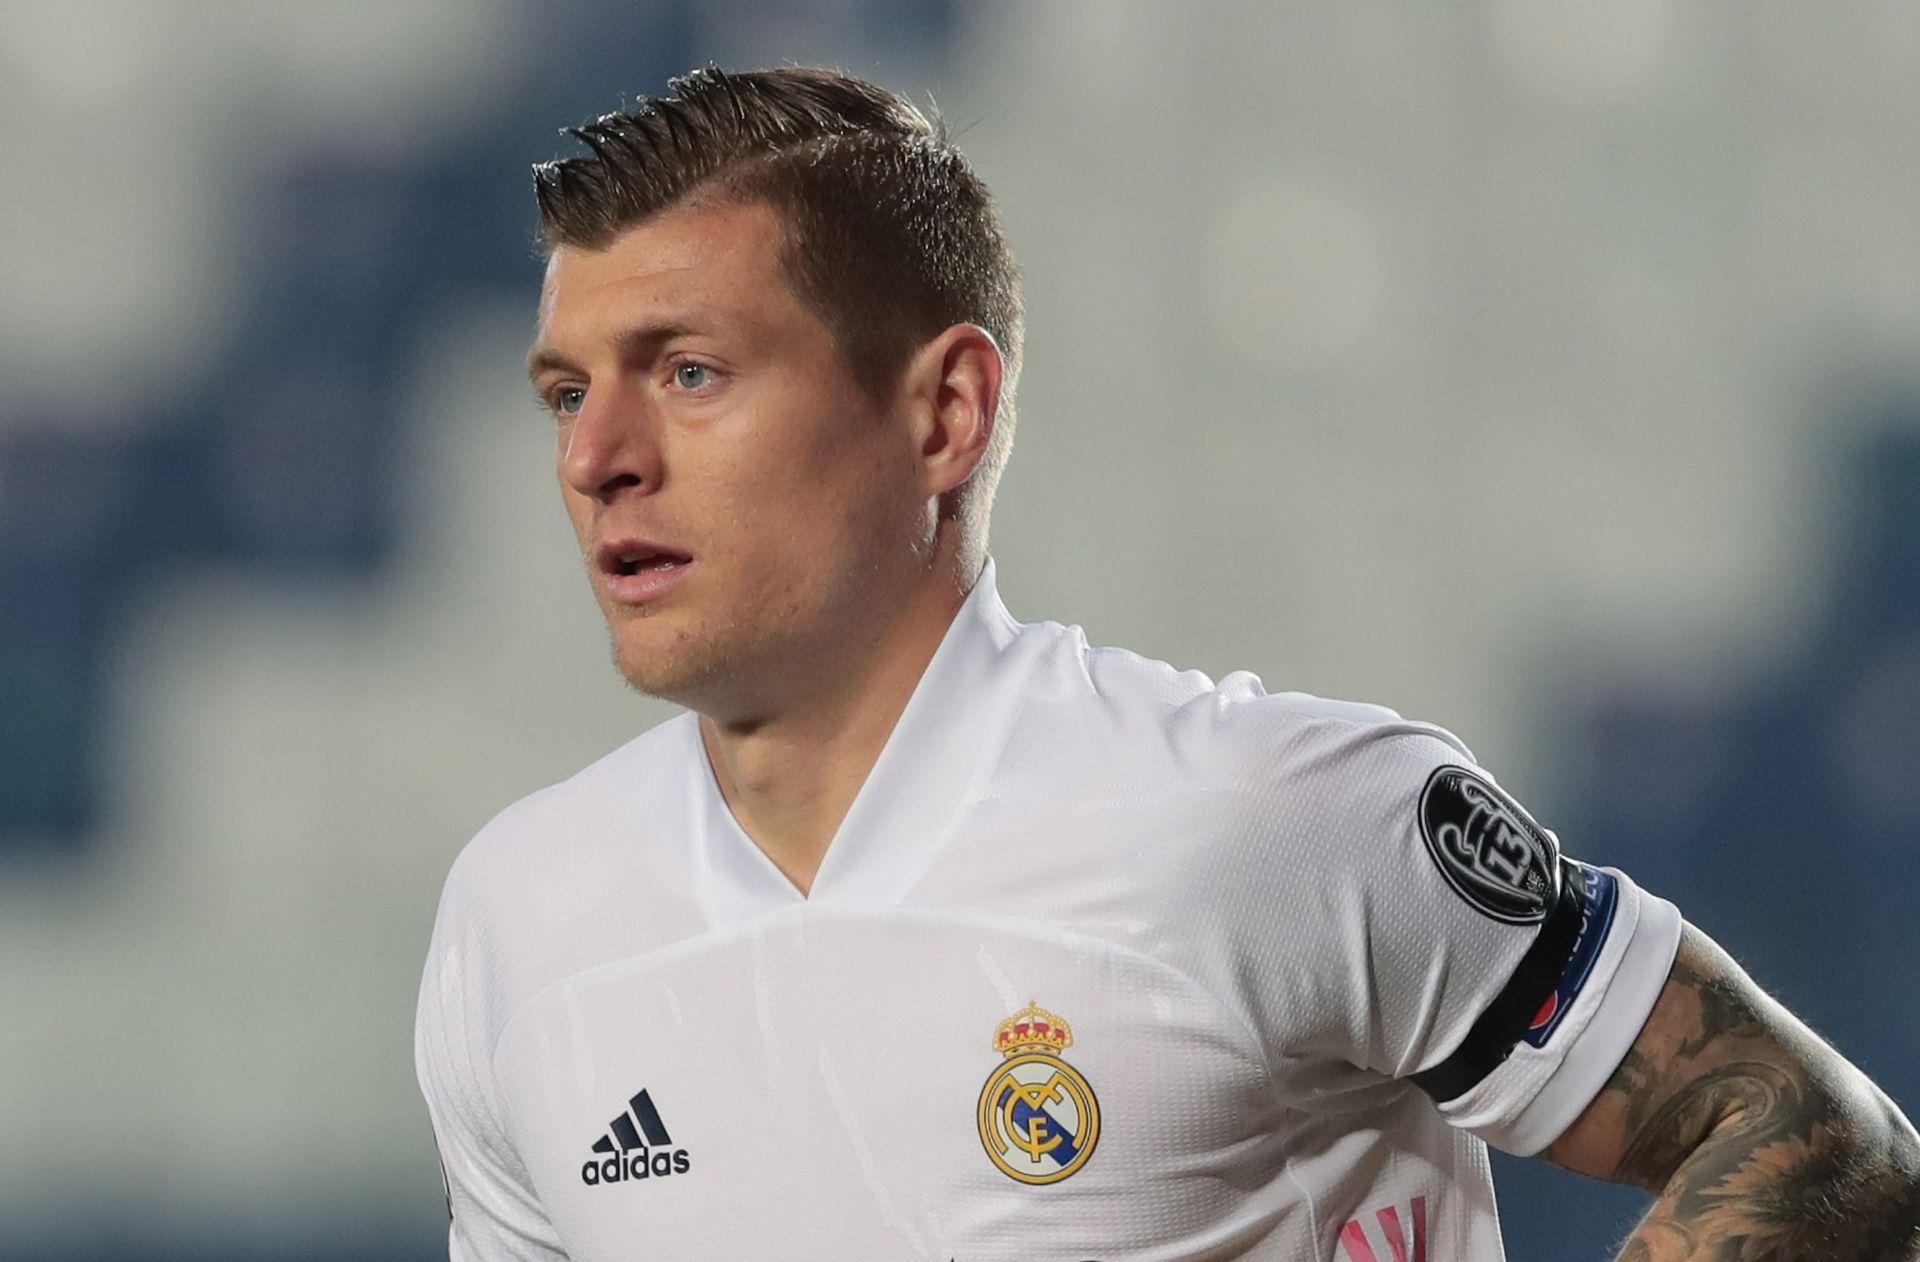 Toni Kroos - Real Madrid